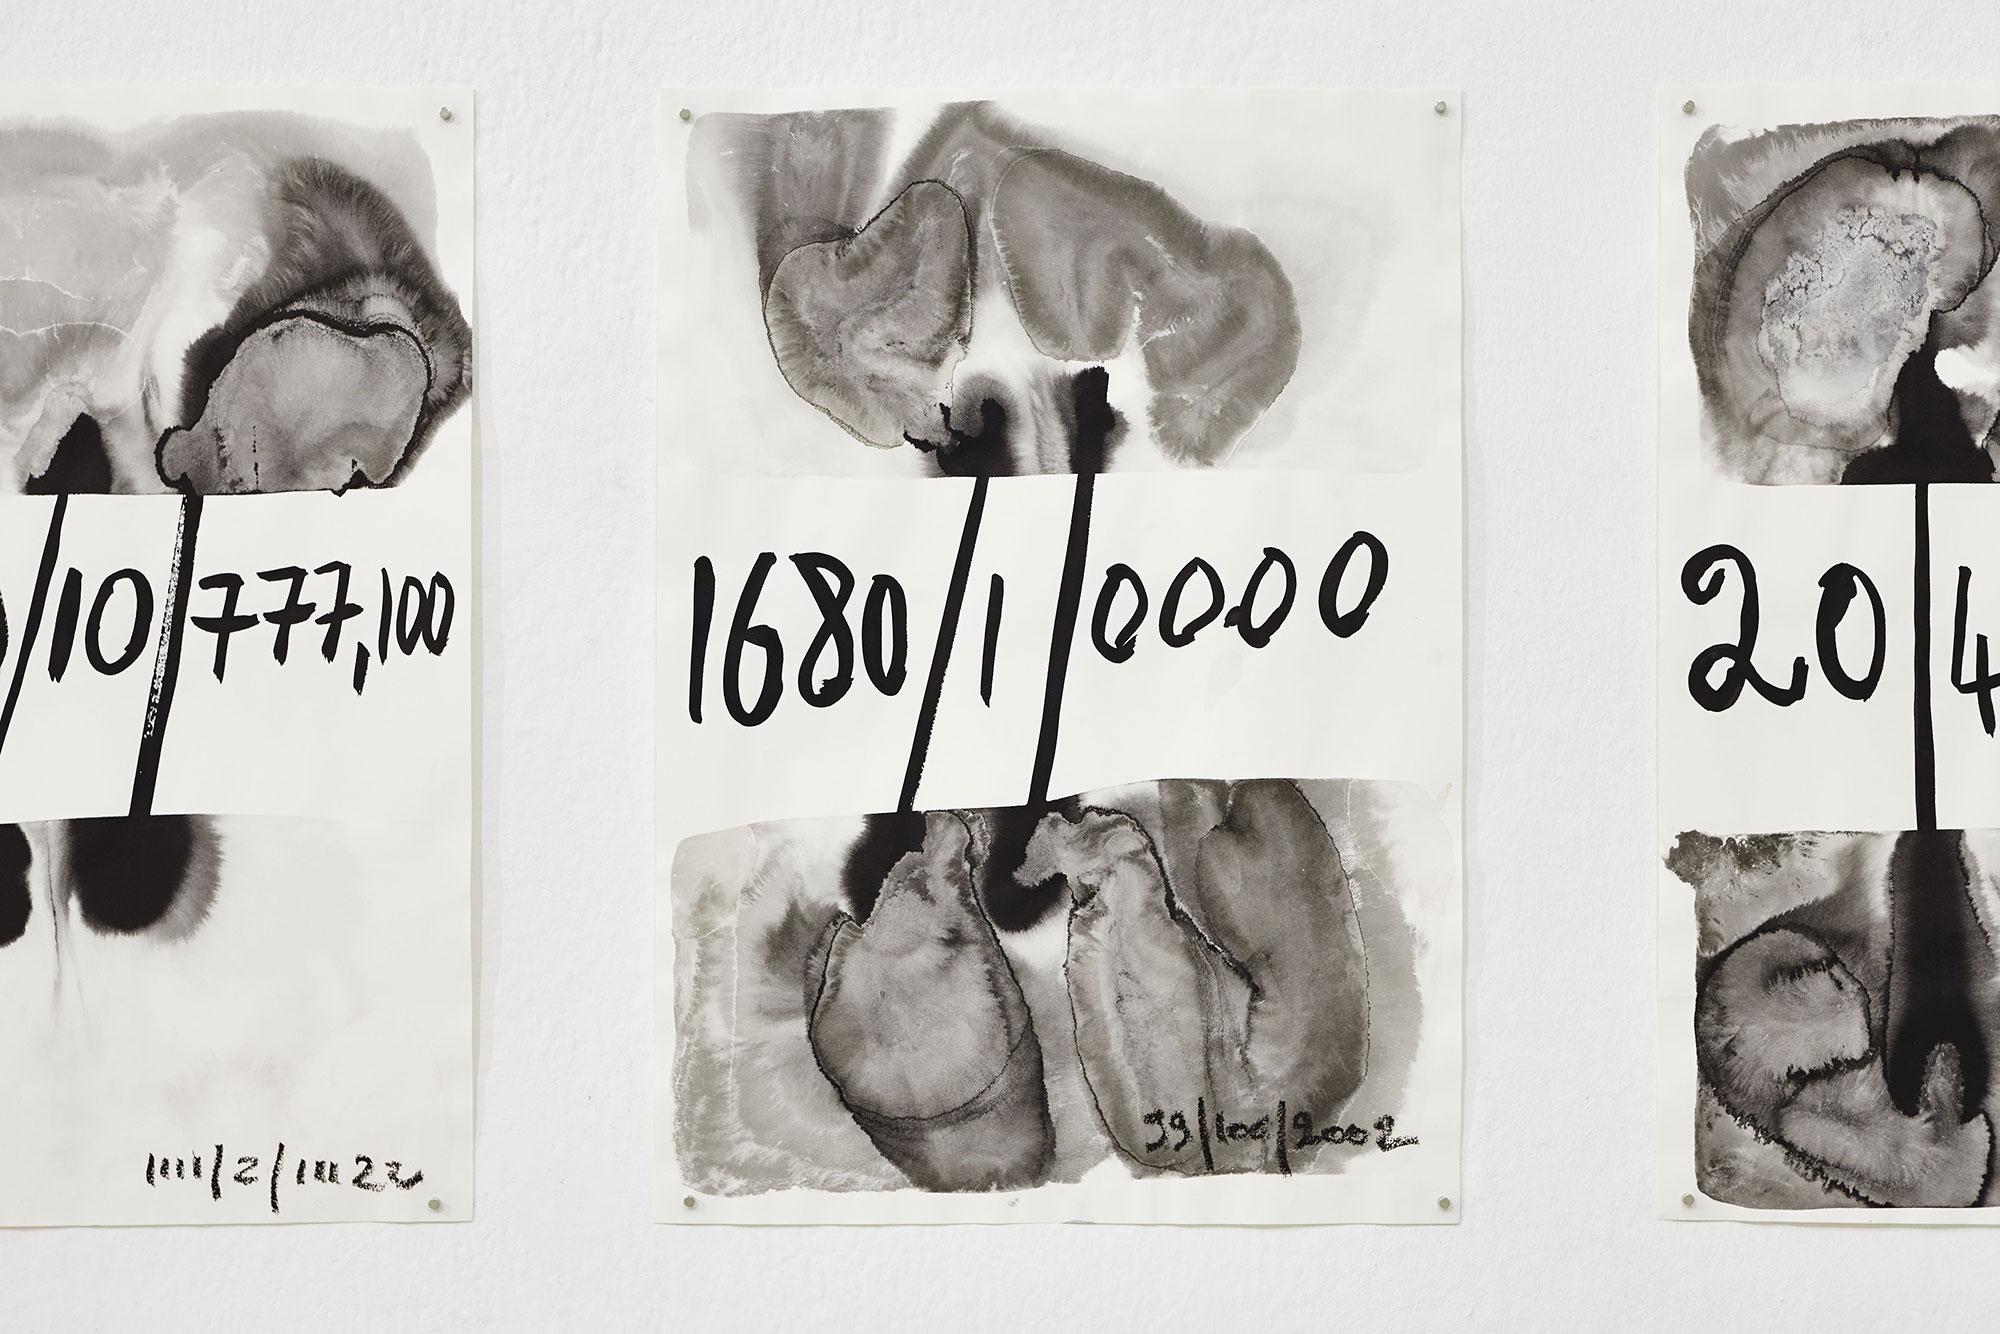 Calendrier impossible, 2015  Encre de chine, eaux, Javel et vinaigre sur papier, 42 x 29.7 chacun Photographie: ©jcLett